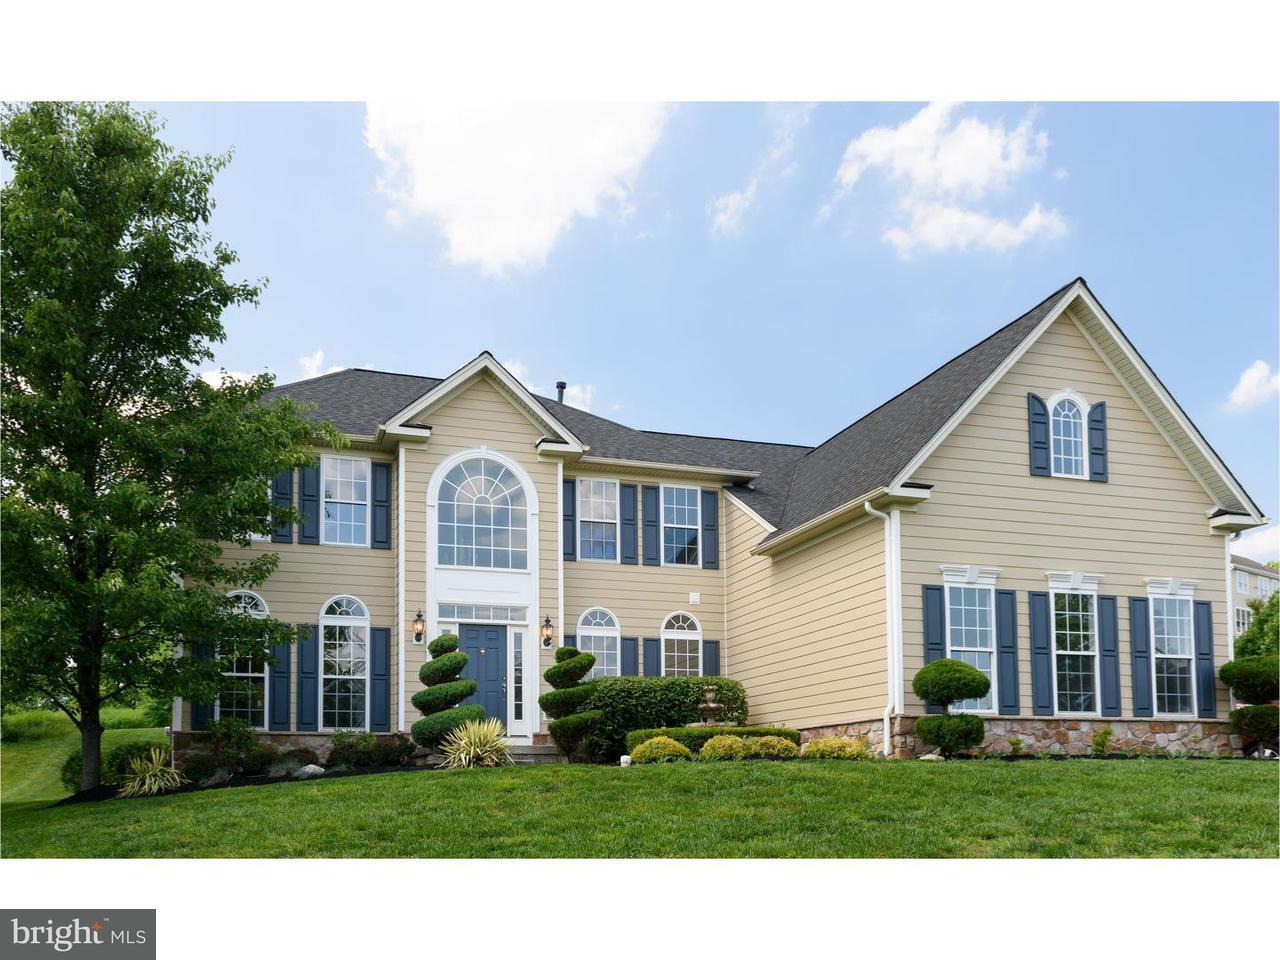 Einfamilienhaus für Mieten beim 1540 TATTERSALL WAY West Chester, Pennsylvanien 19380 Vereinigte Staaten